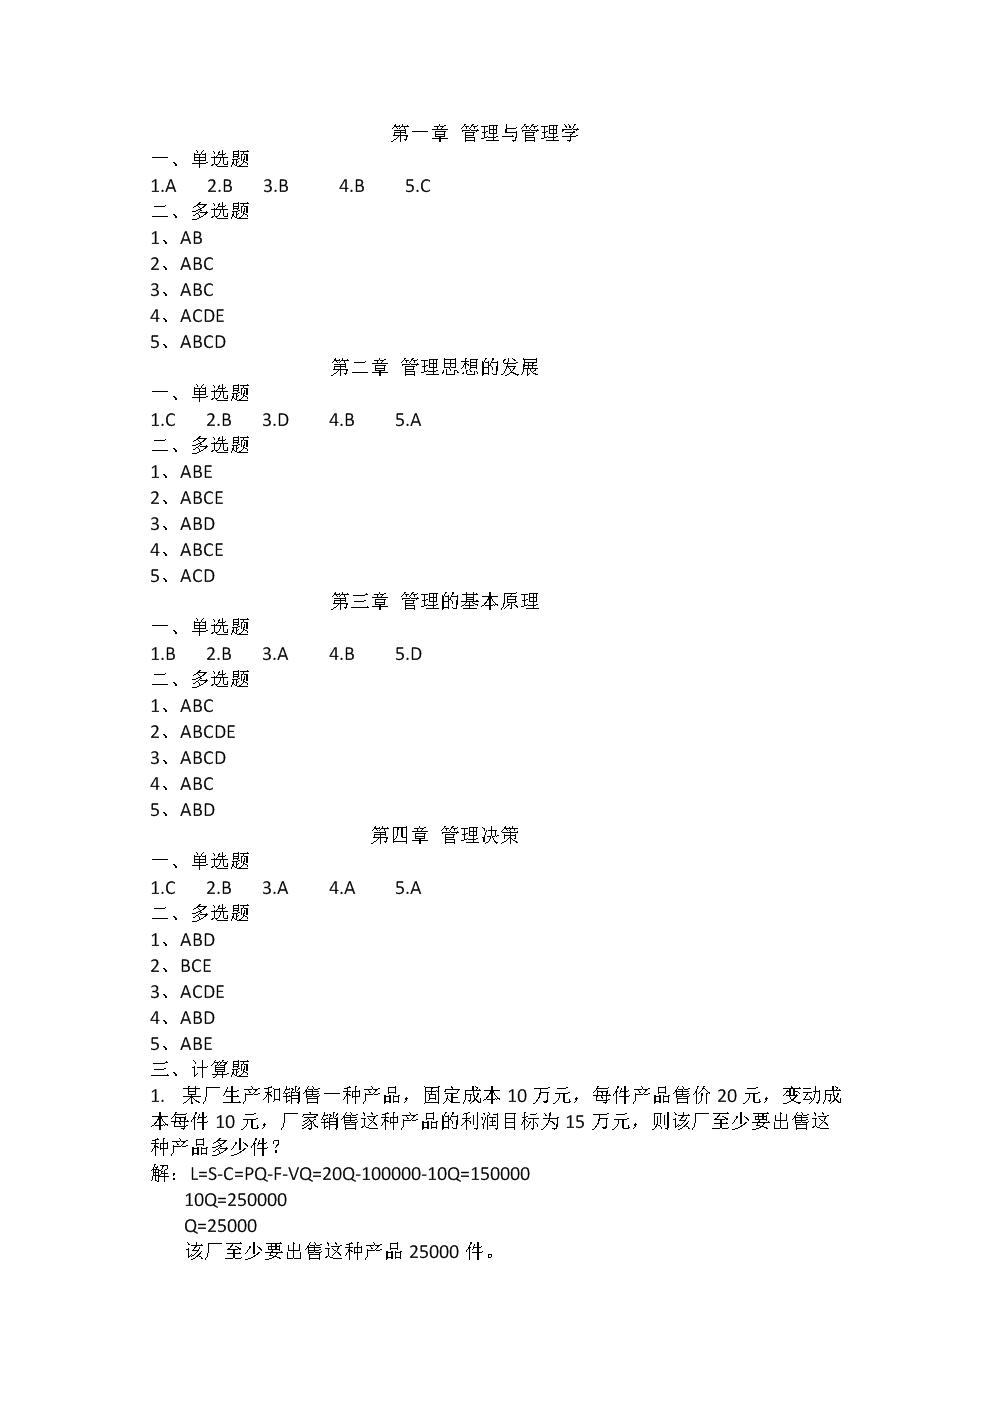 应用管理学课后习题答案(董莎).docx